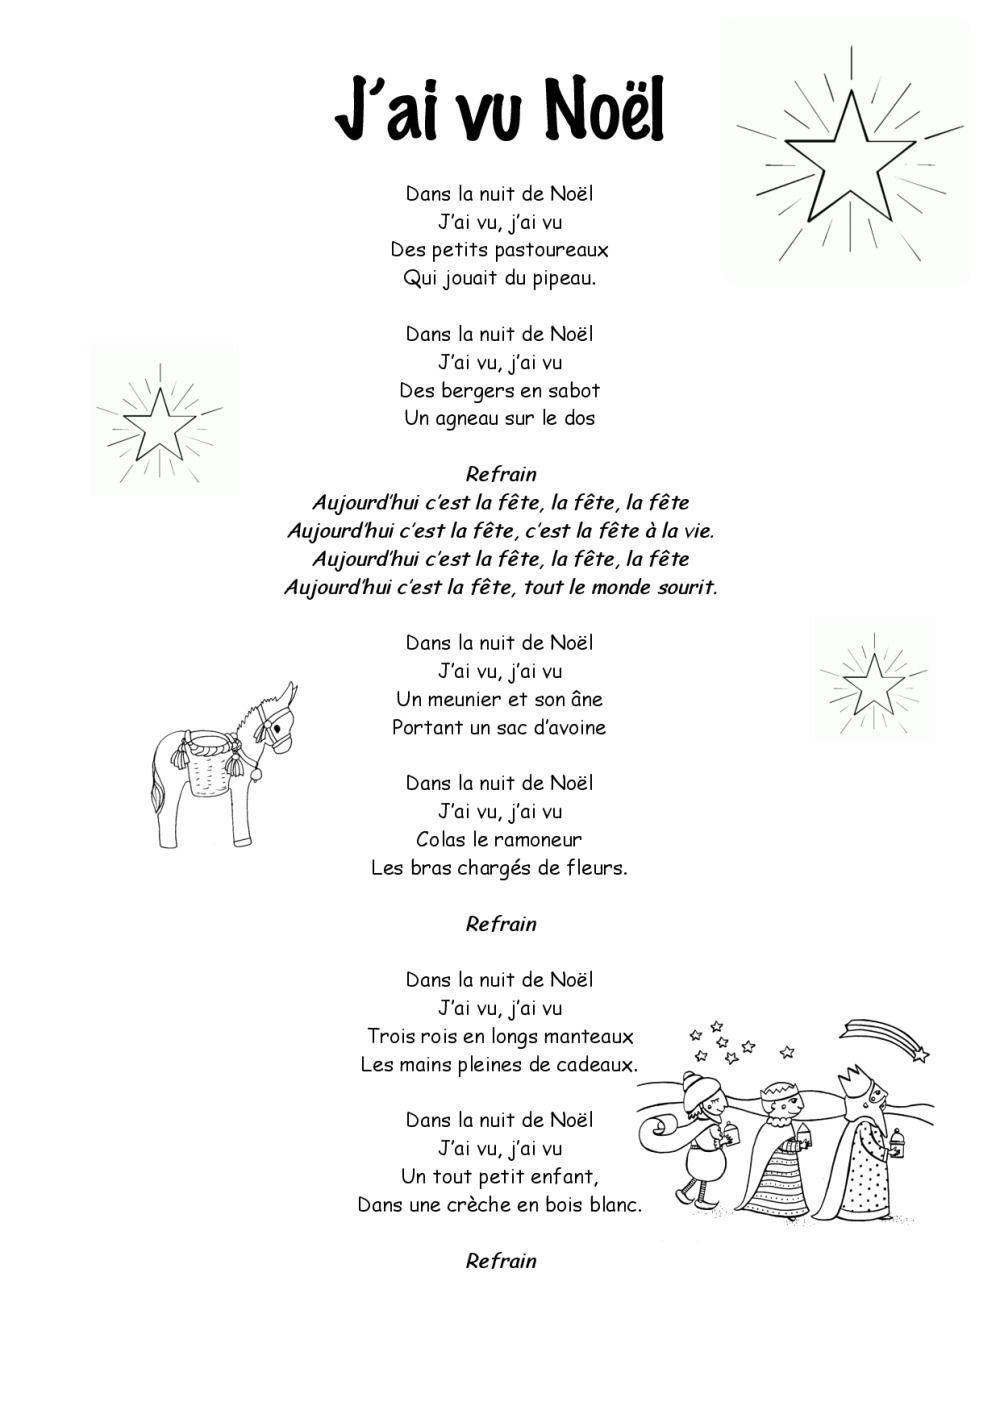 Épinglé Par Χριστινα Sur Noel | Chanson De Noel, Paroles De pour Chanson A Imprimer